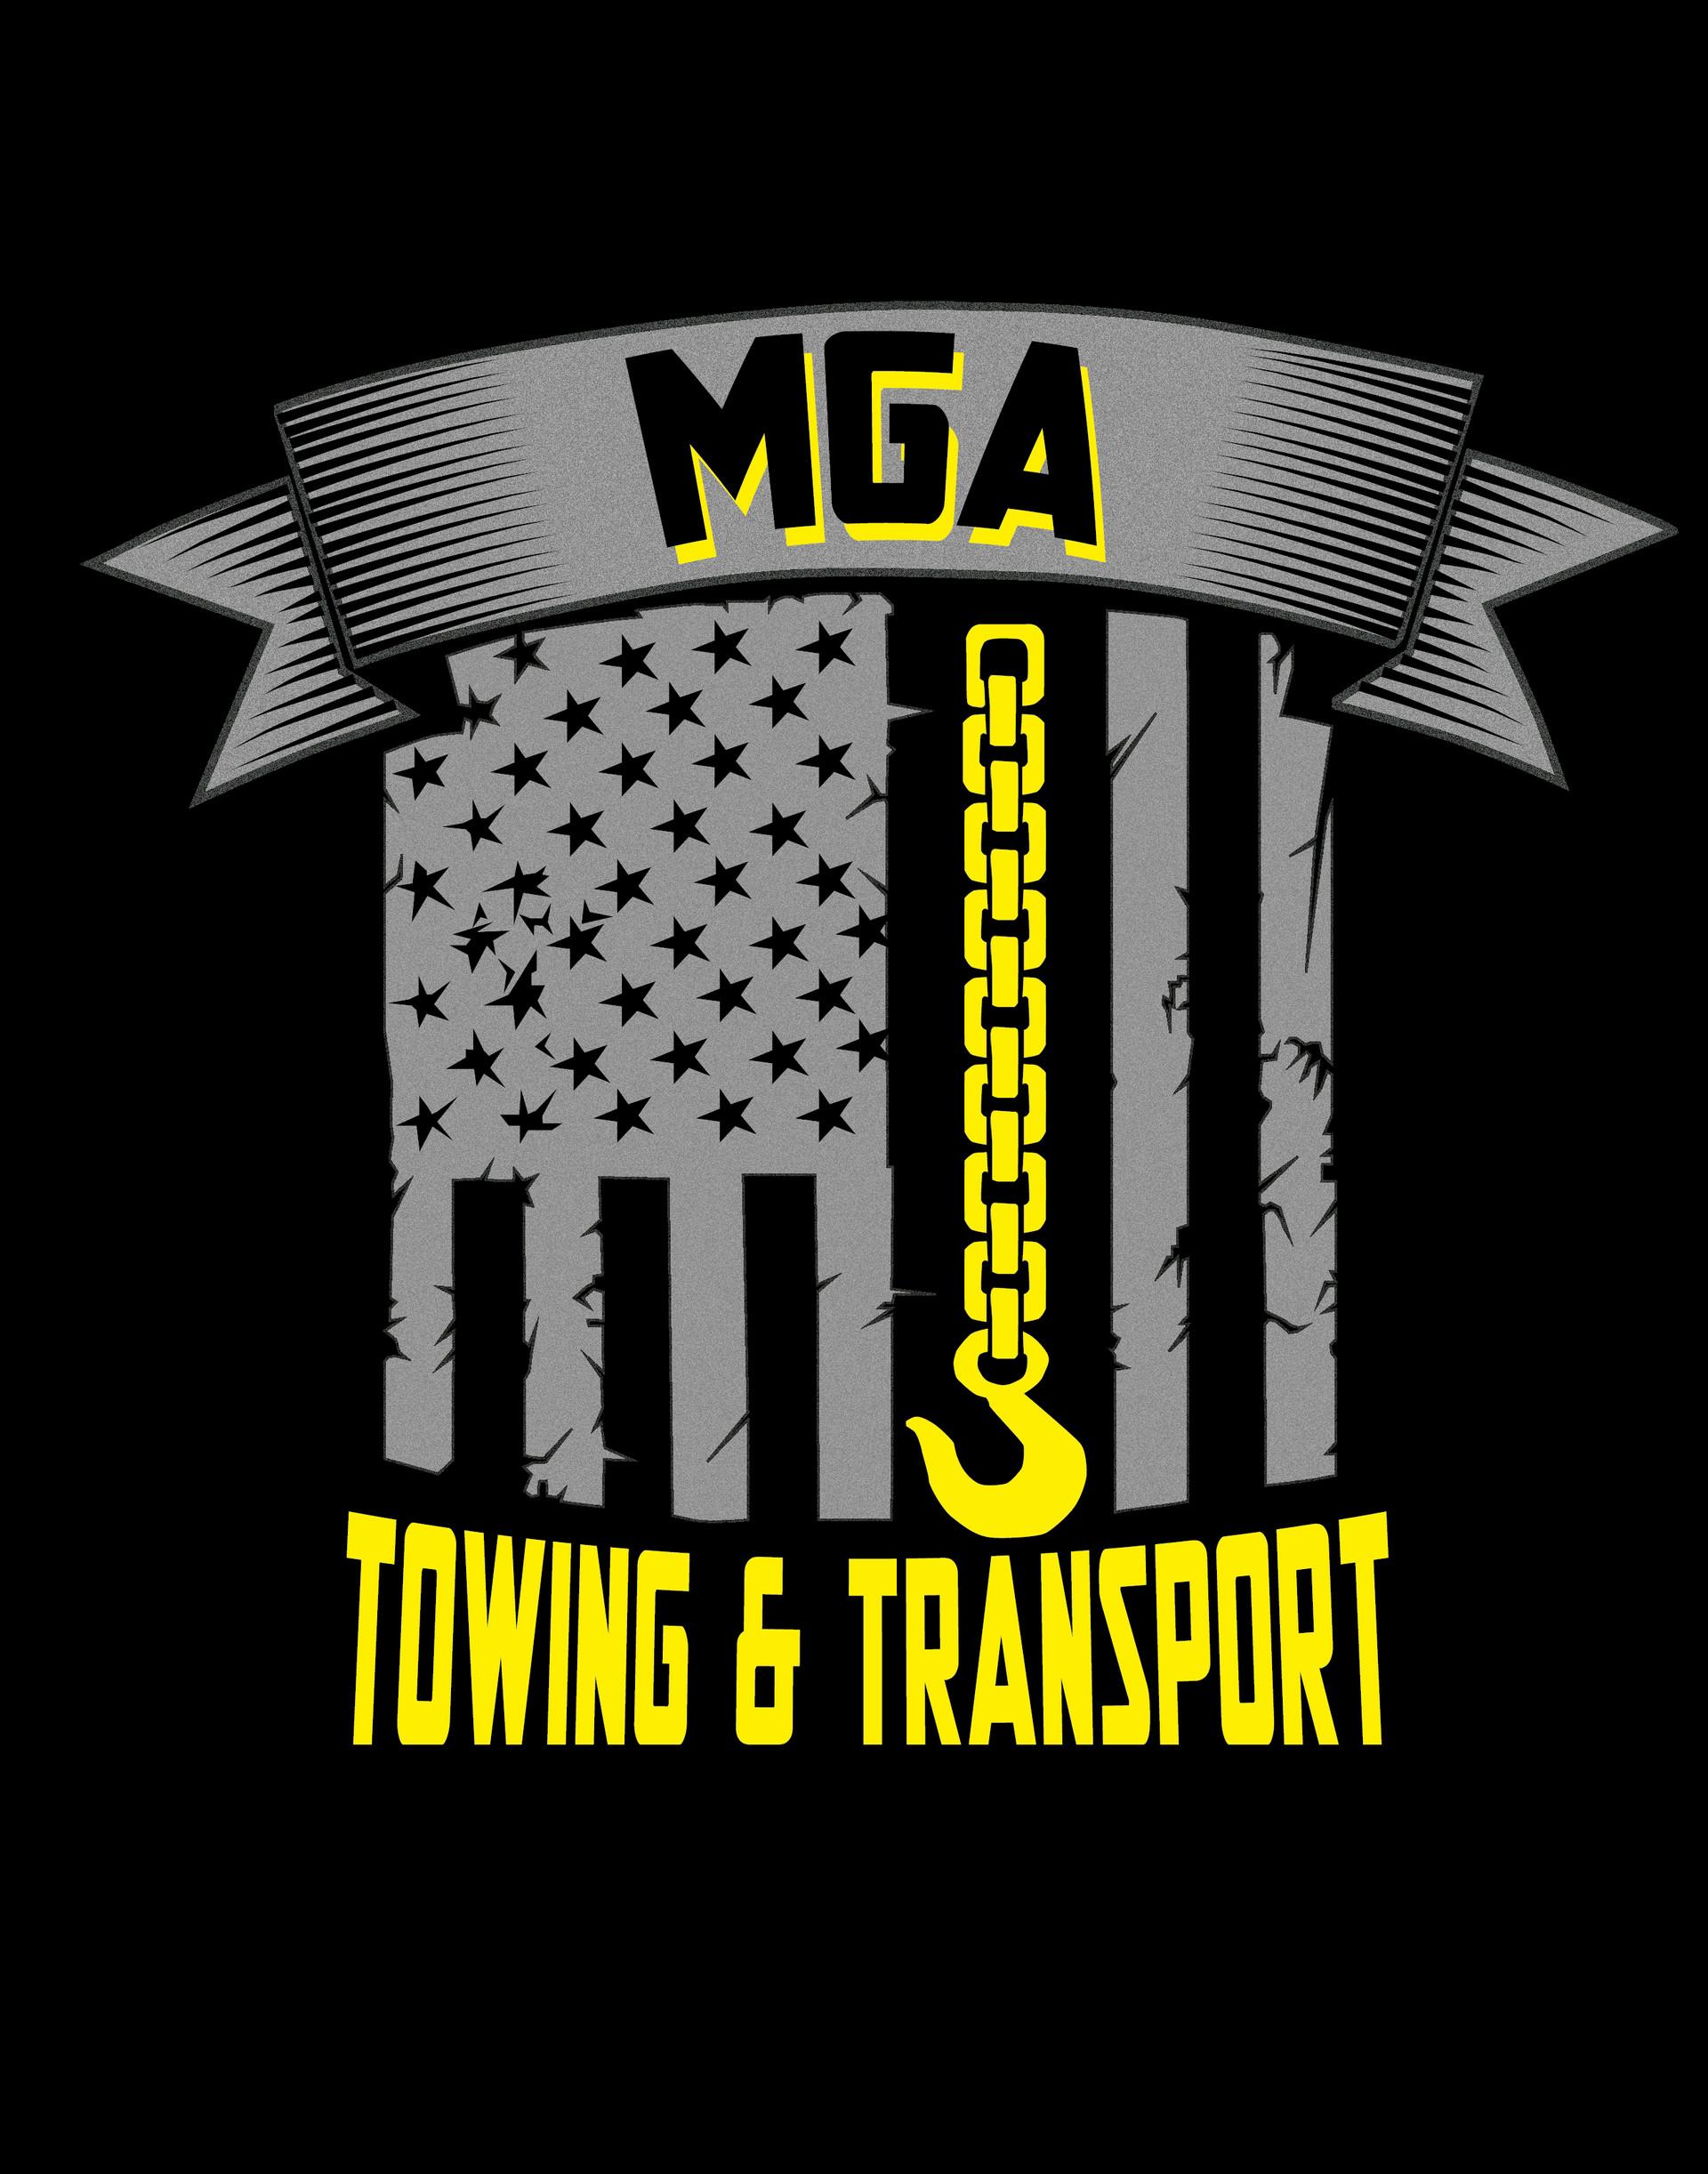 MGA TOWING